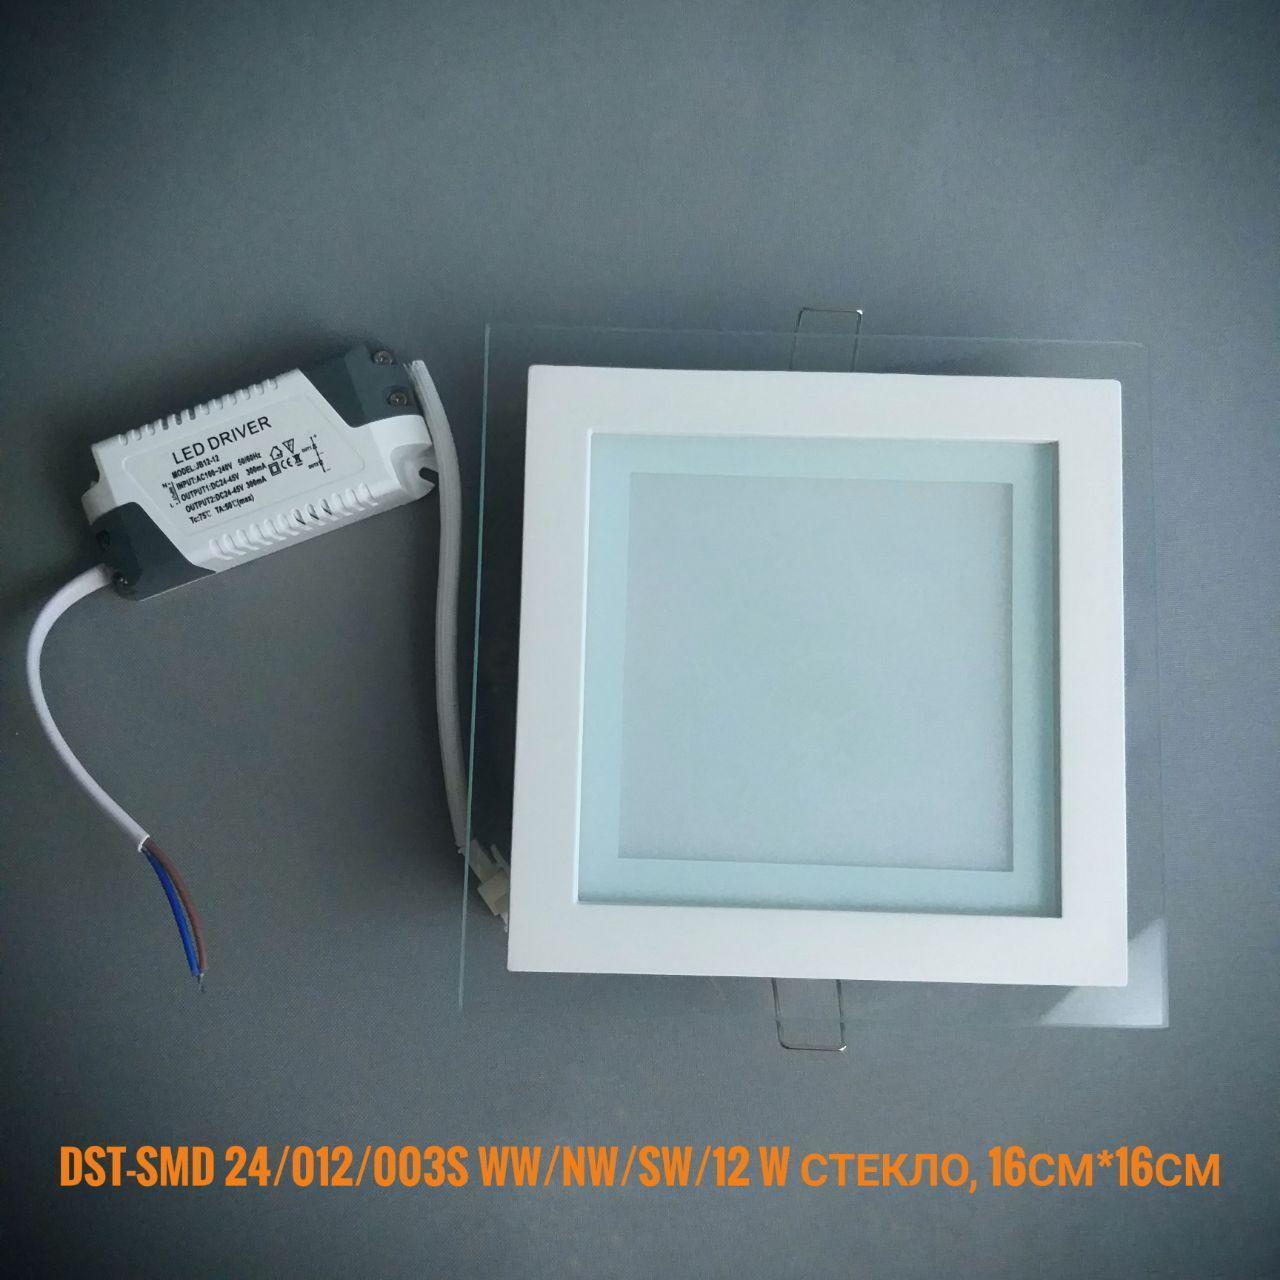 Светодиодная панель квадрат врезной DST-SMD24/012/003S WW/NW/CW 12W(стекло)